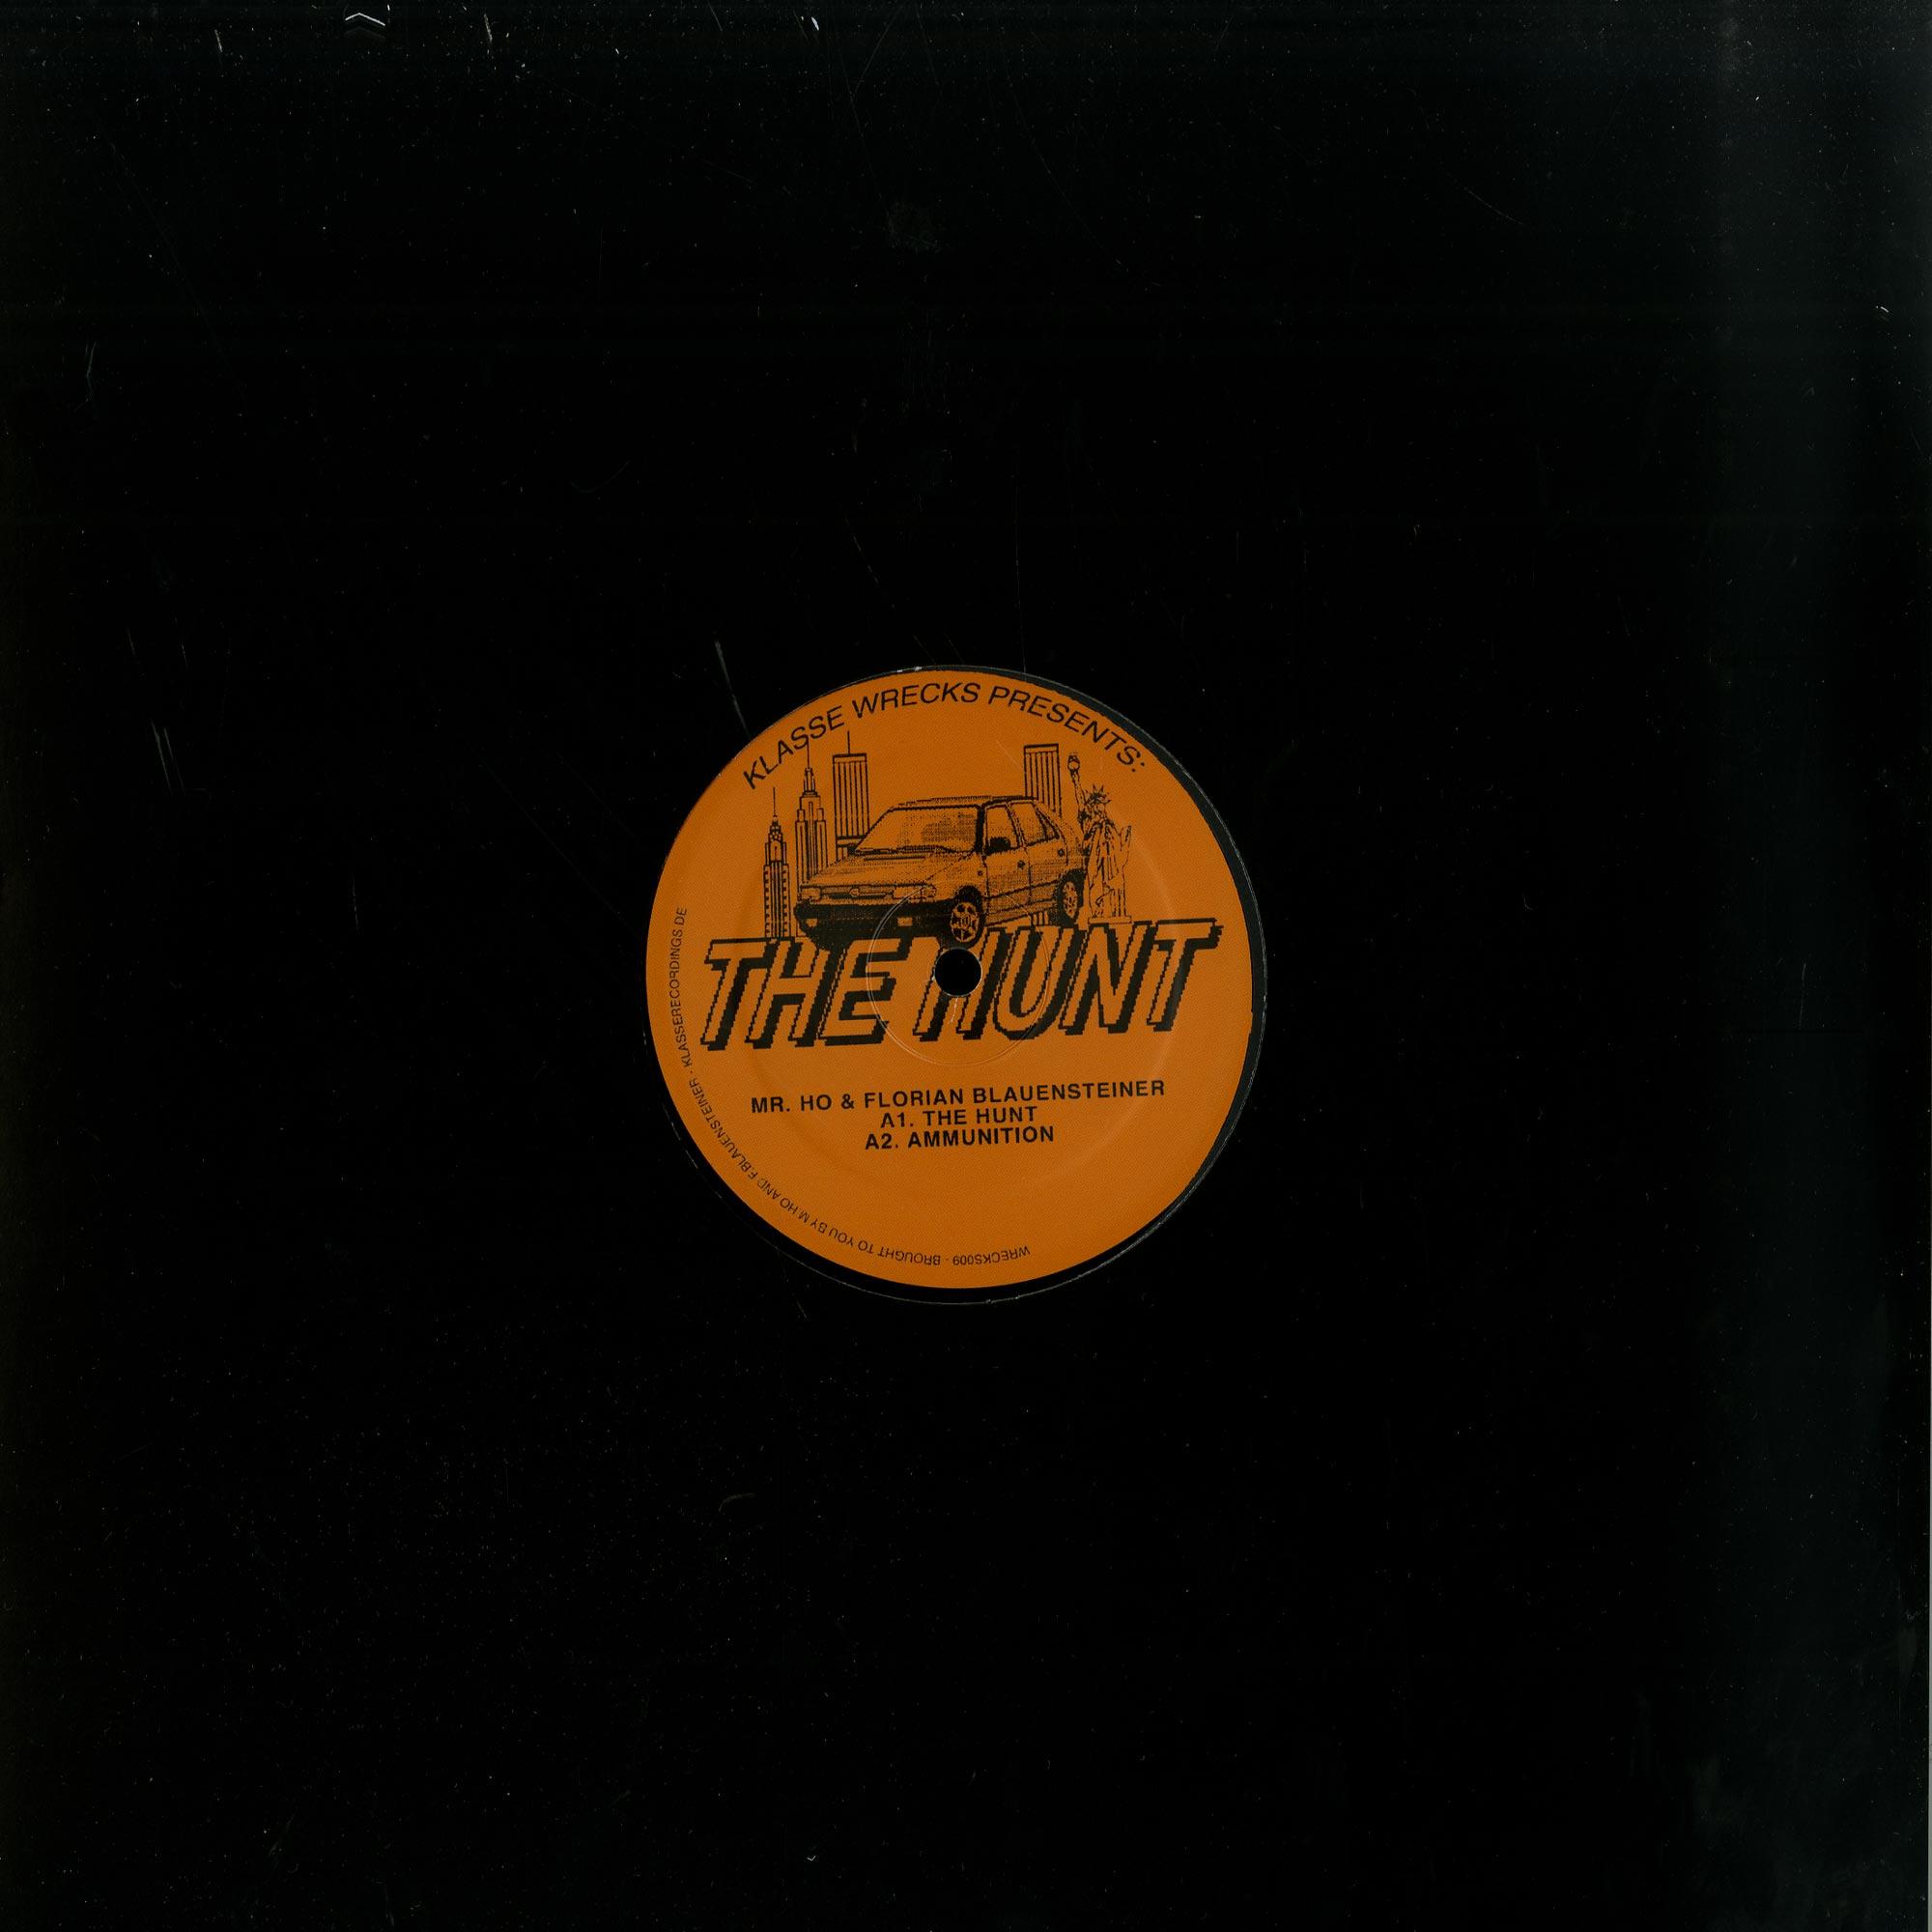 Mr Ho & Florian Blauensteiner - THE HUNT EP